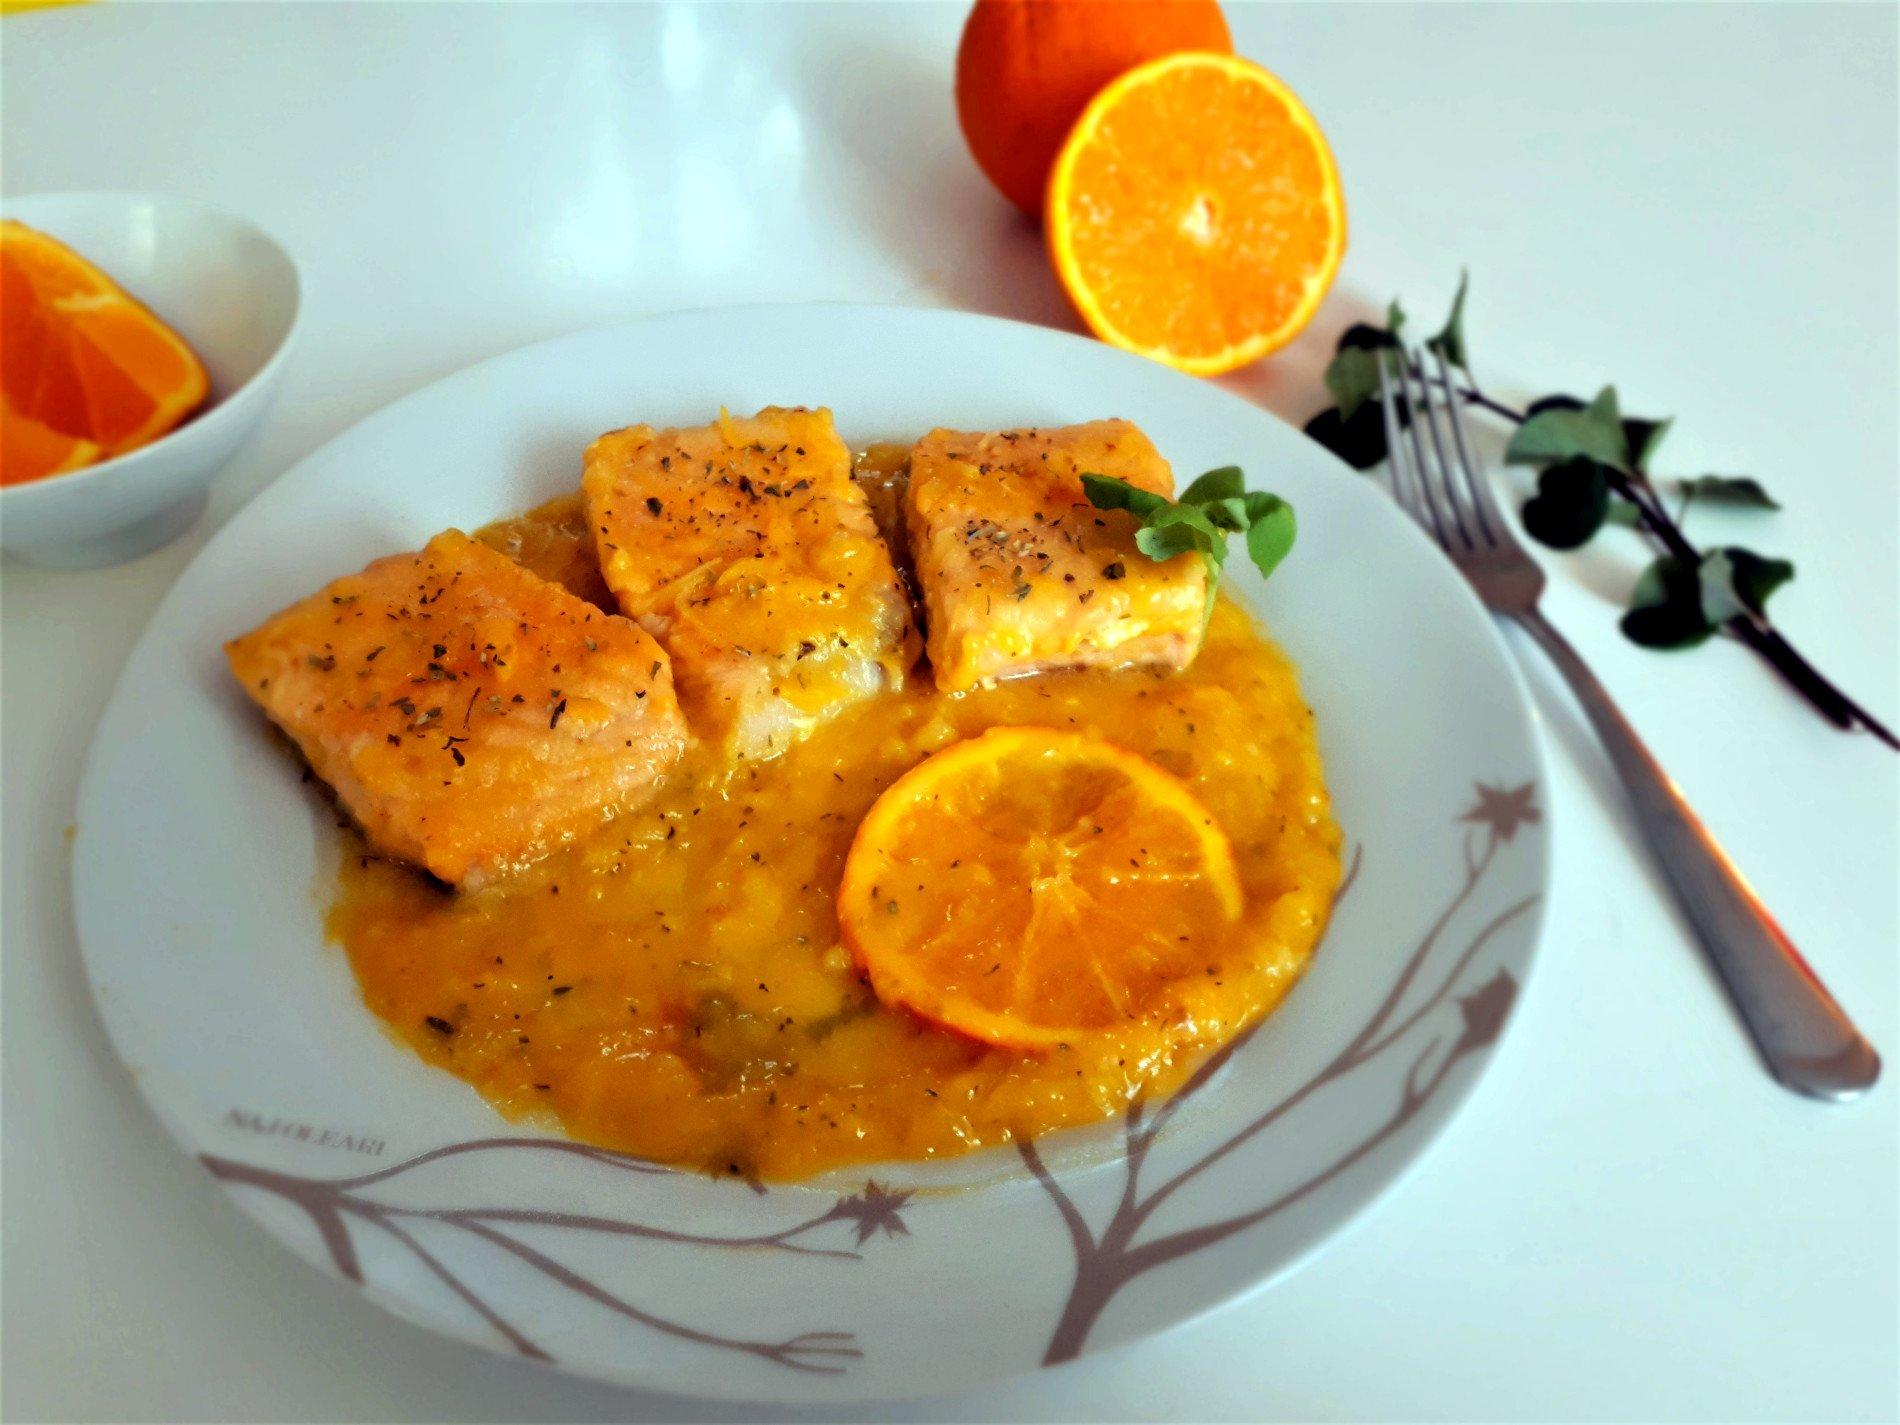 łosoś w pomarańczach